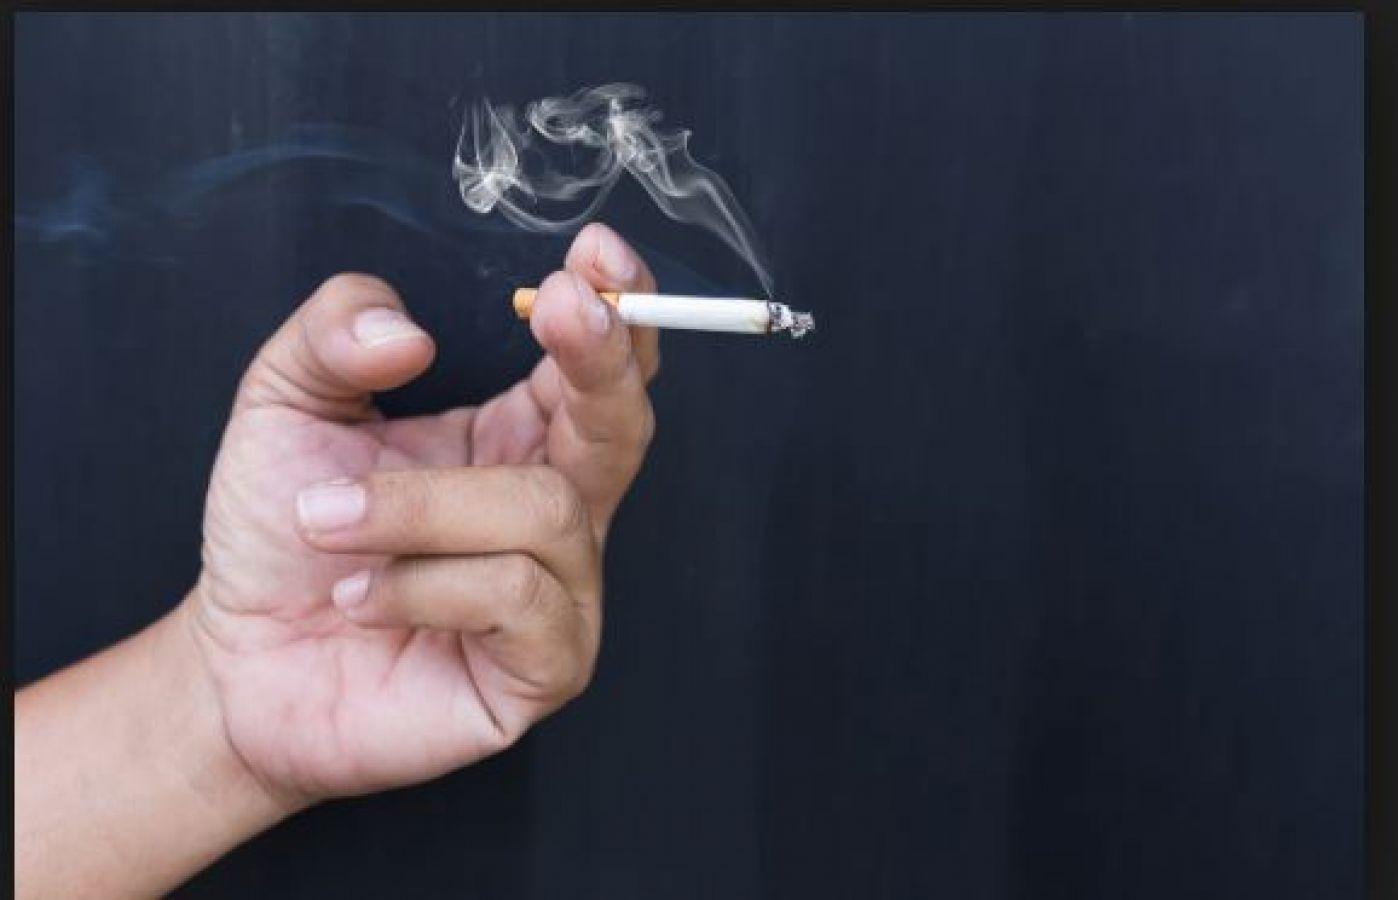 सिगरेट पीने से मना करने पर हुई बहस, पुलिस तक पहुंचा मामला और फिर...